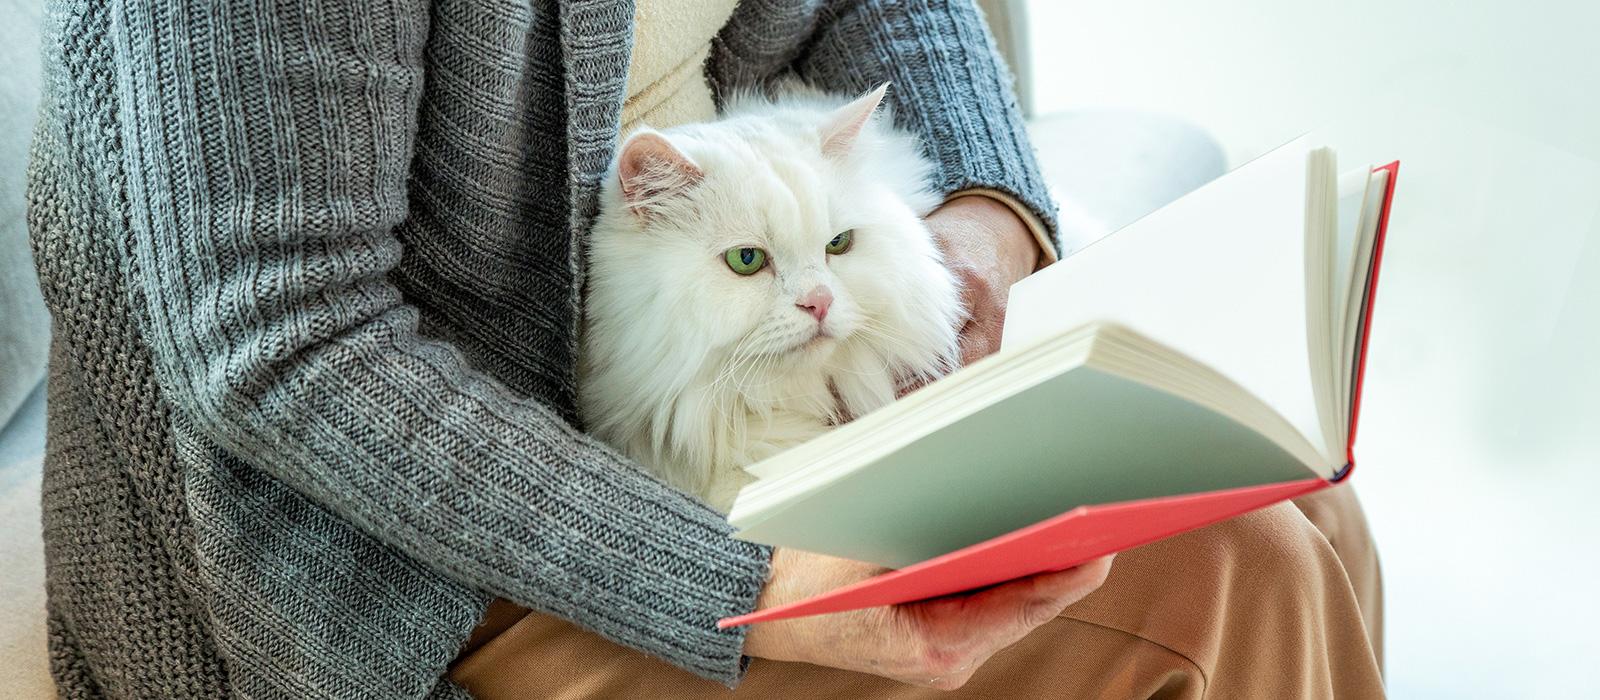 ペットの将来を考えた預金の方法について